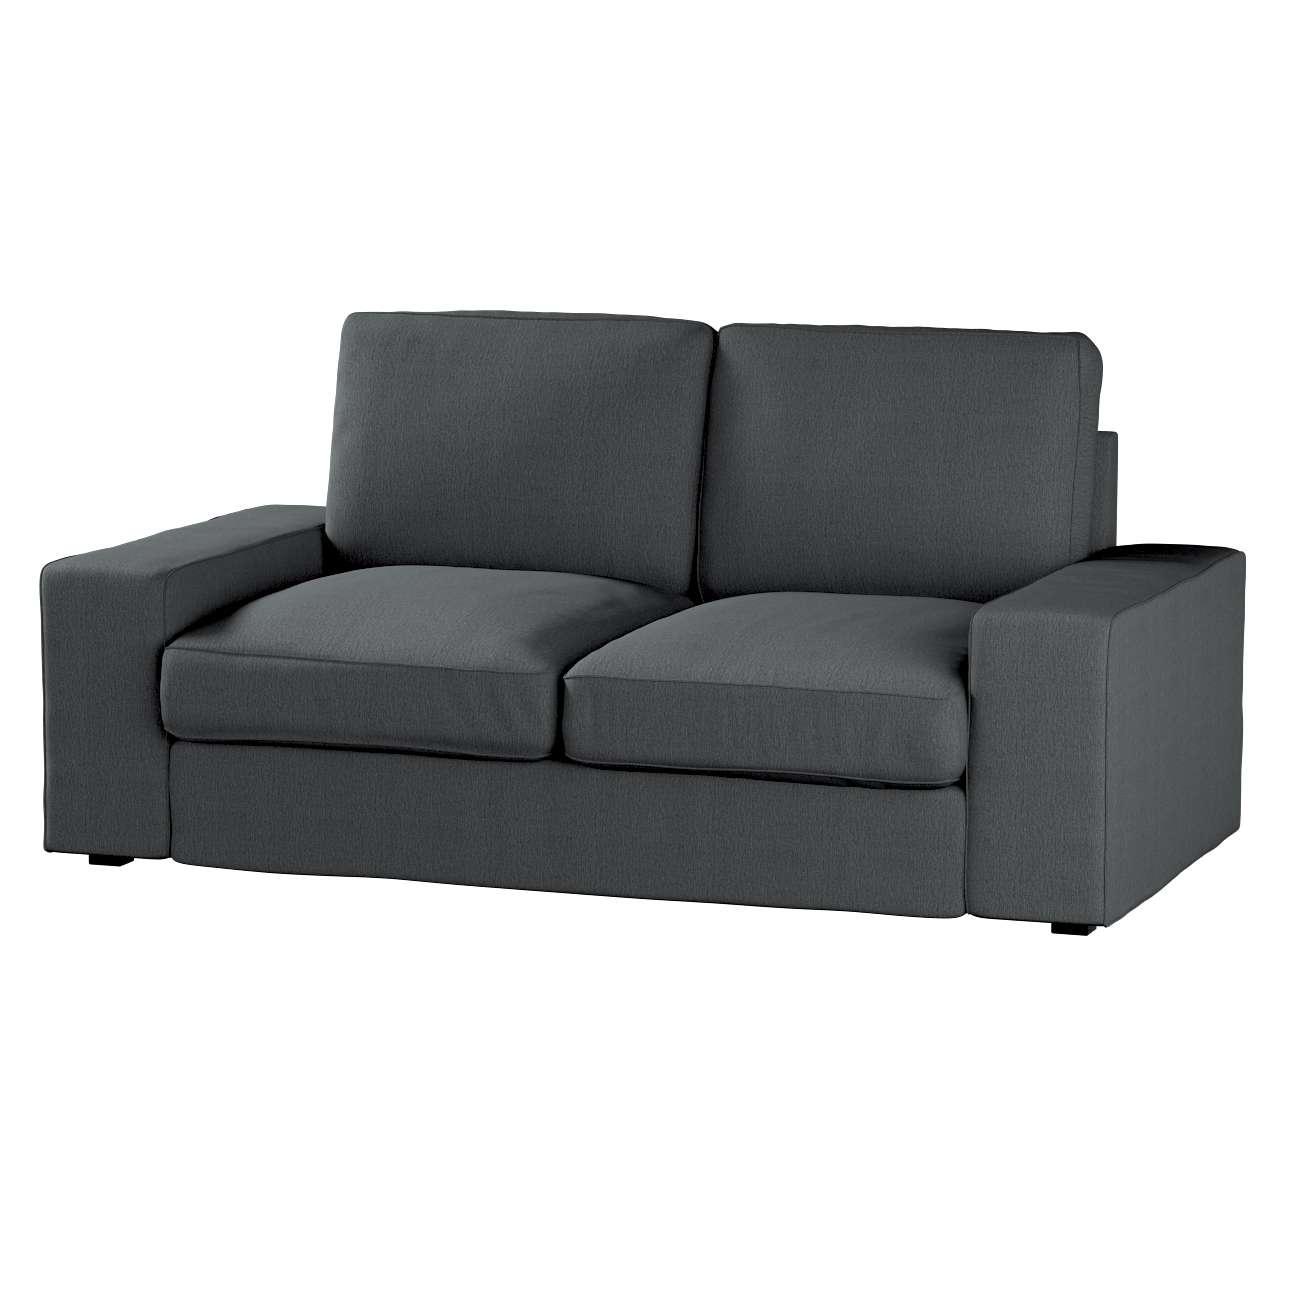 Pokrowiec na sofę Kivik 2-osobową, nierozkładaną w kolekcji Chenille, tkanina: 702-20